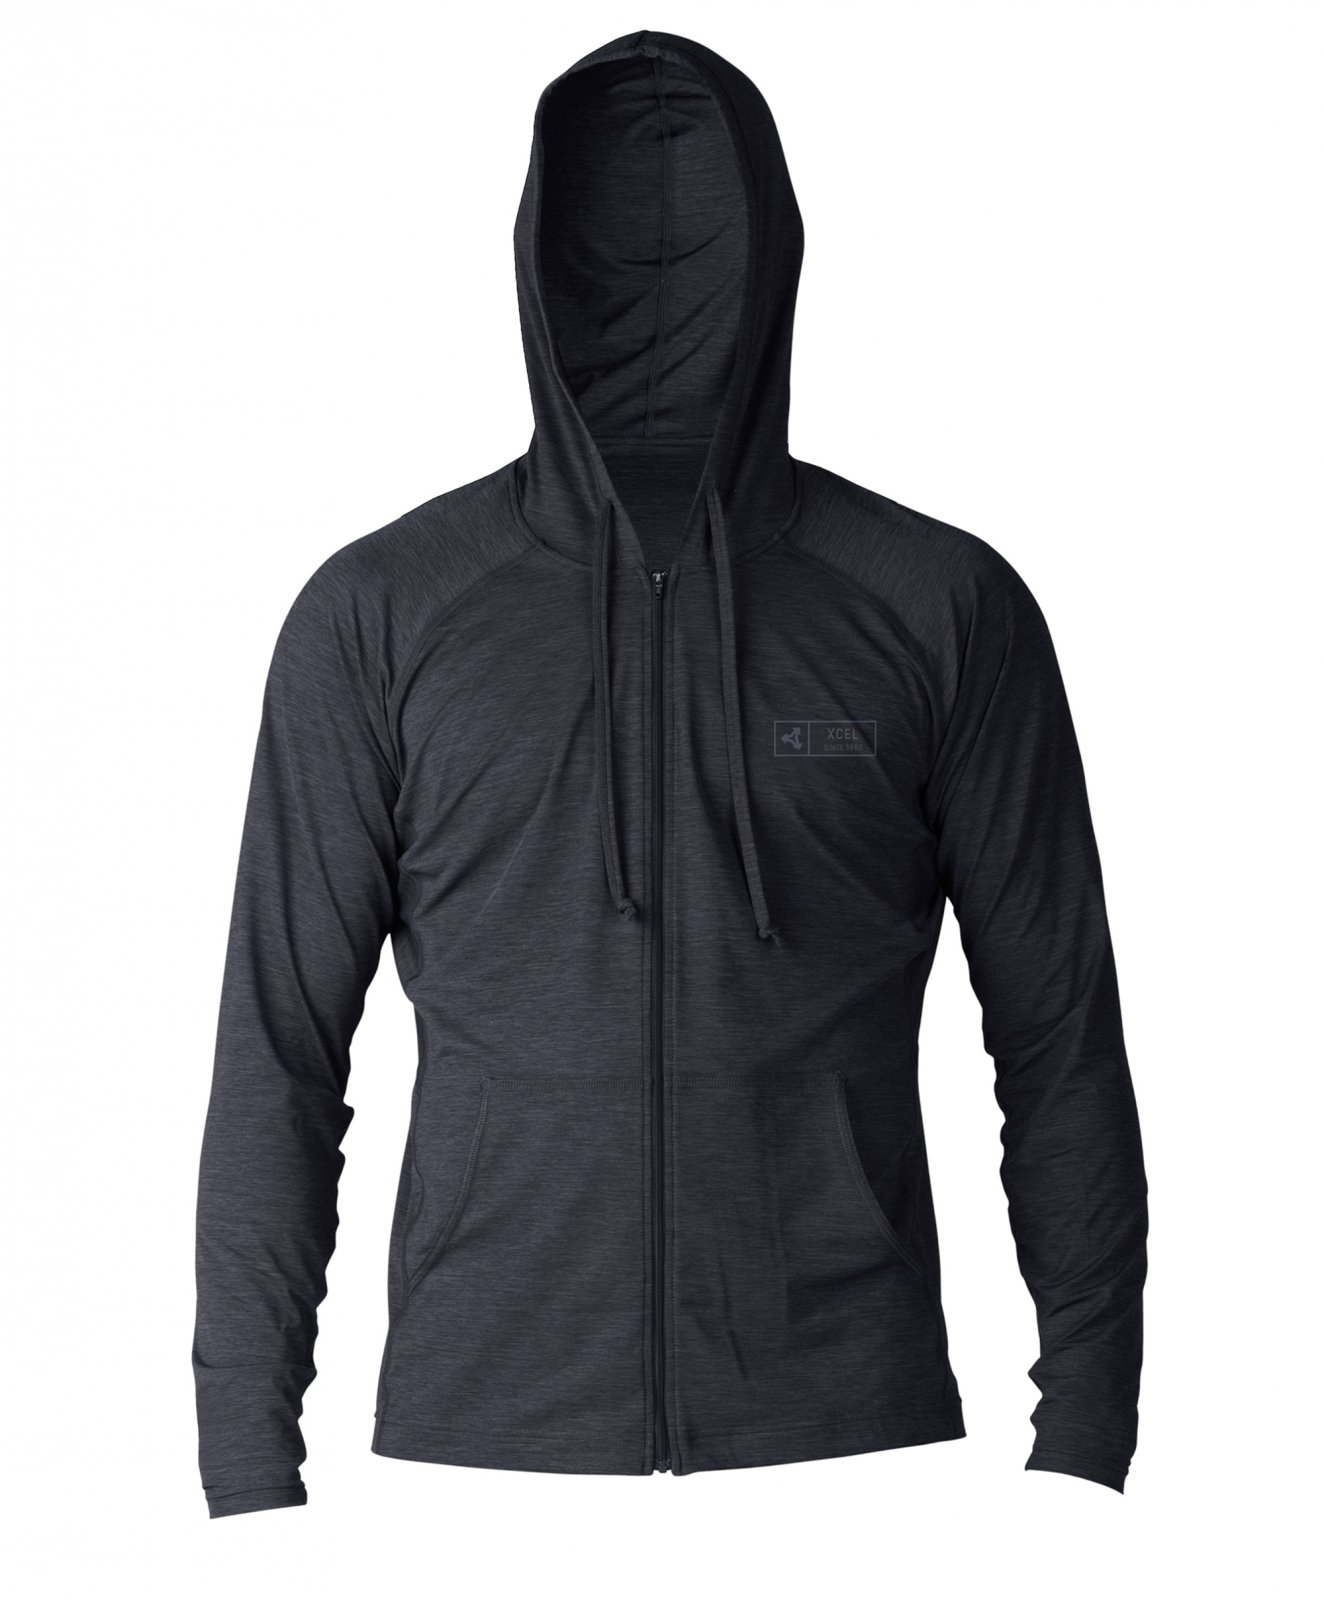 Xcel Men's Ventx Front Zip Hoodie SP19 in Heathered Black